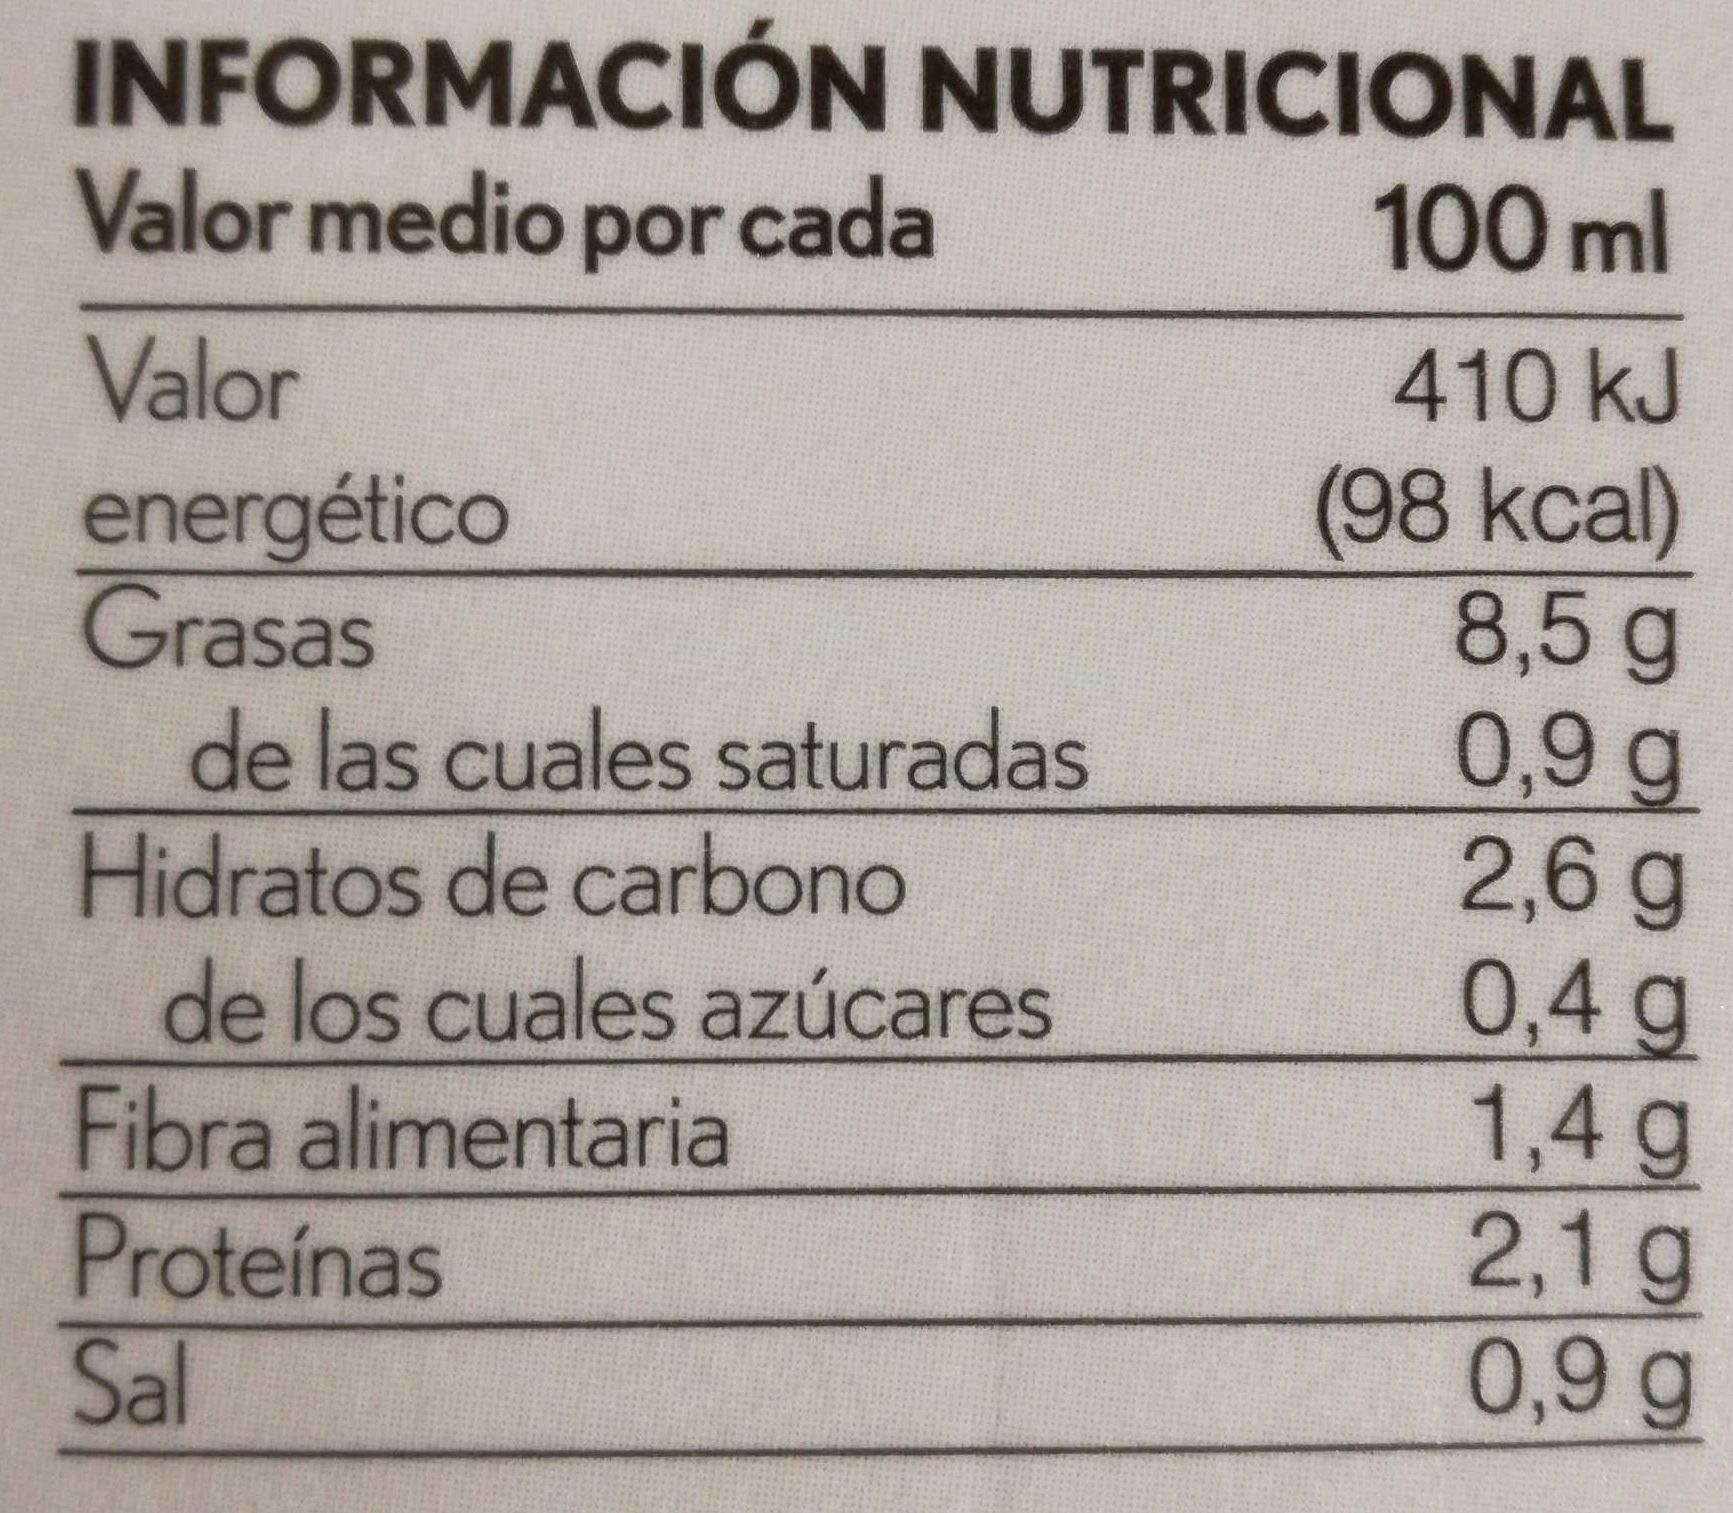 Gazpacho blanco de almendras - Información nutricional - es